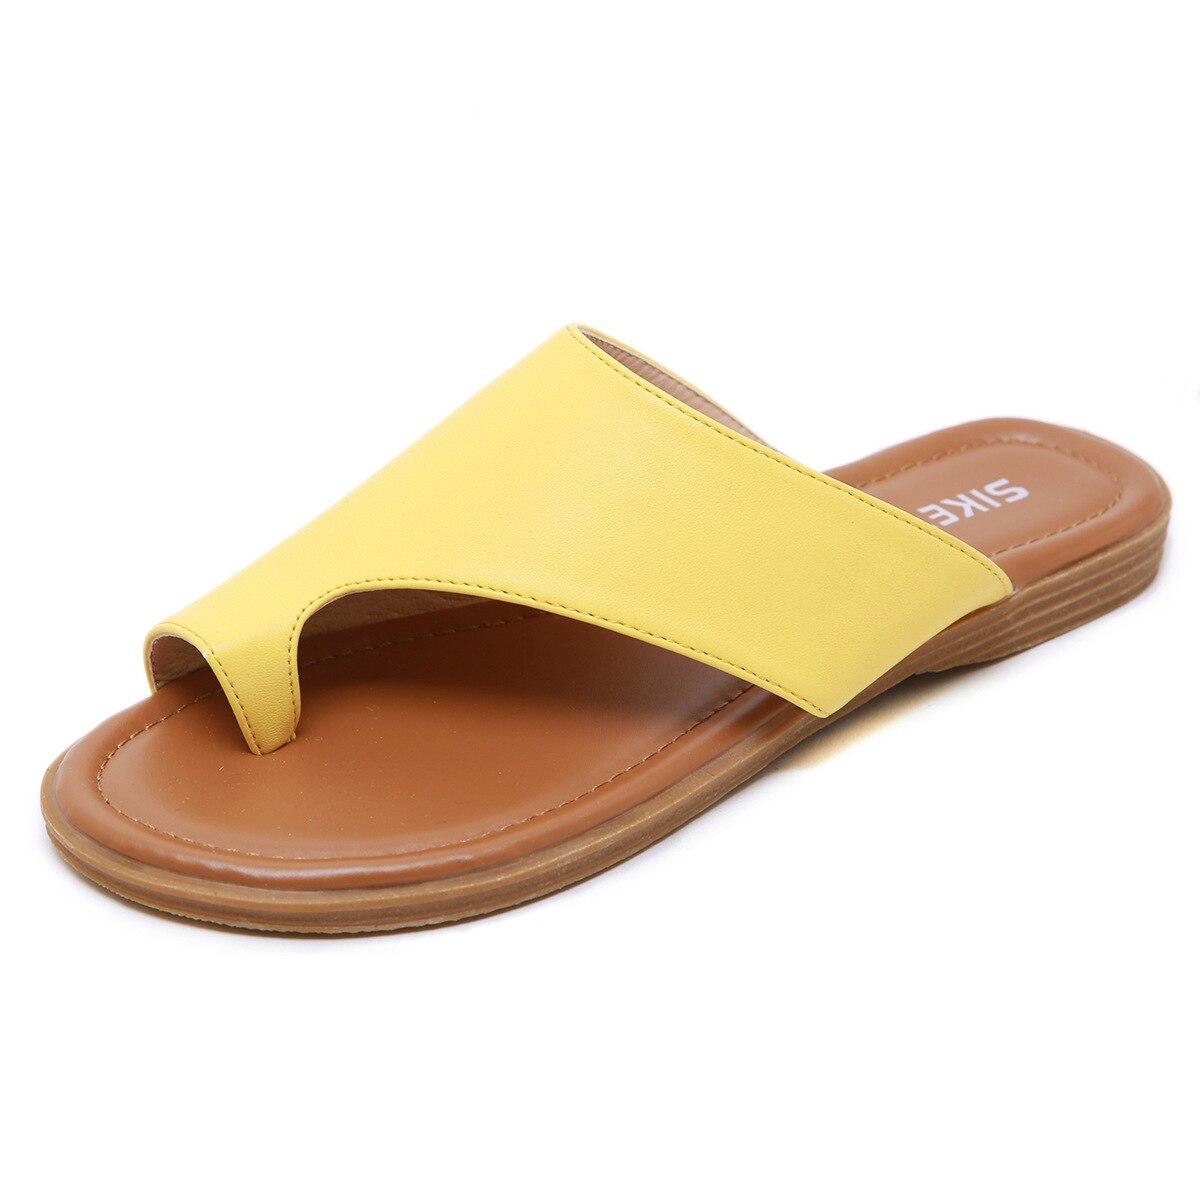 Sandals Women Comfy Beach Shoes Summer